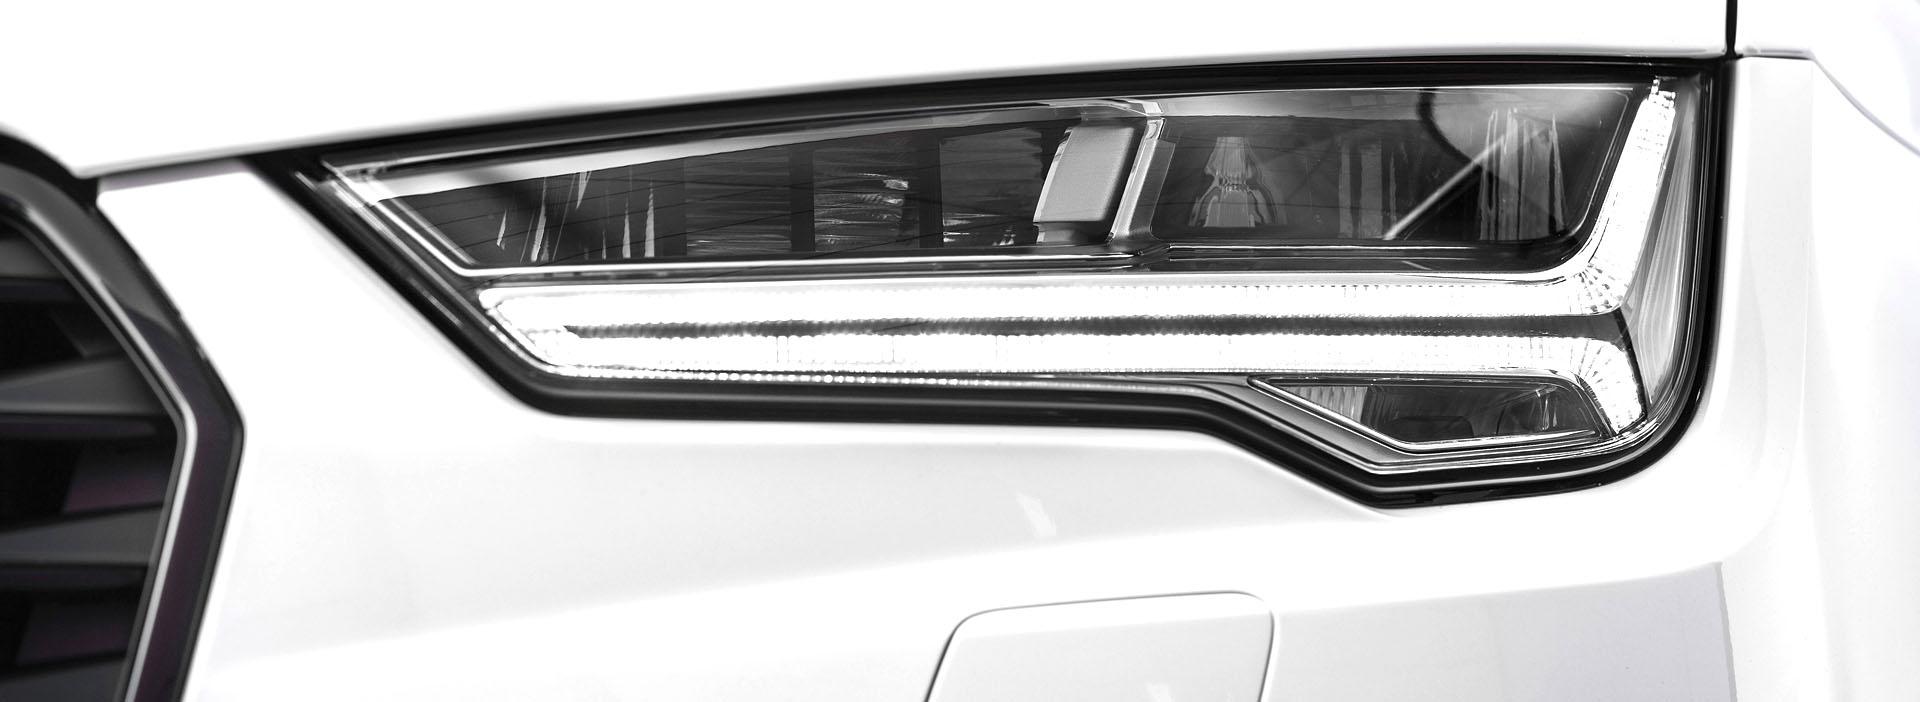 Audi-A7-fenyszoro